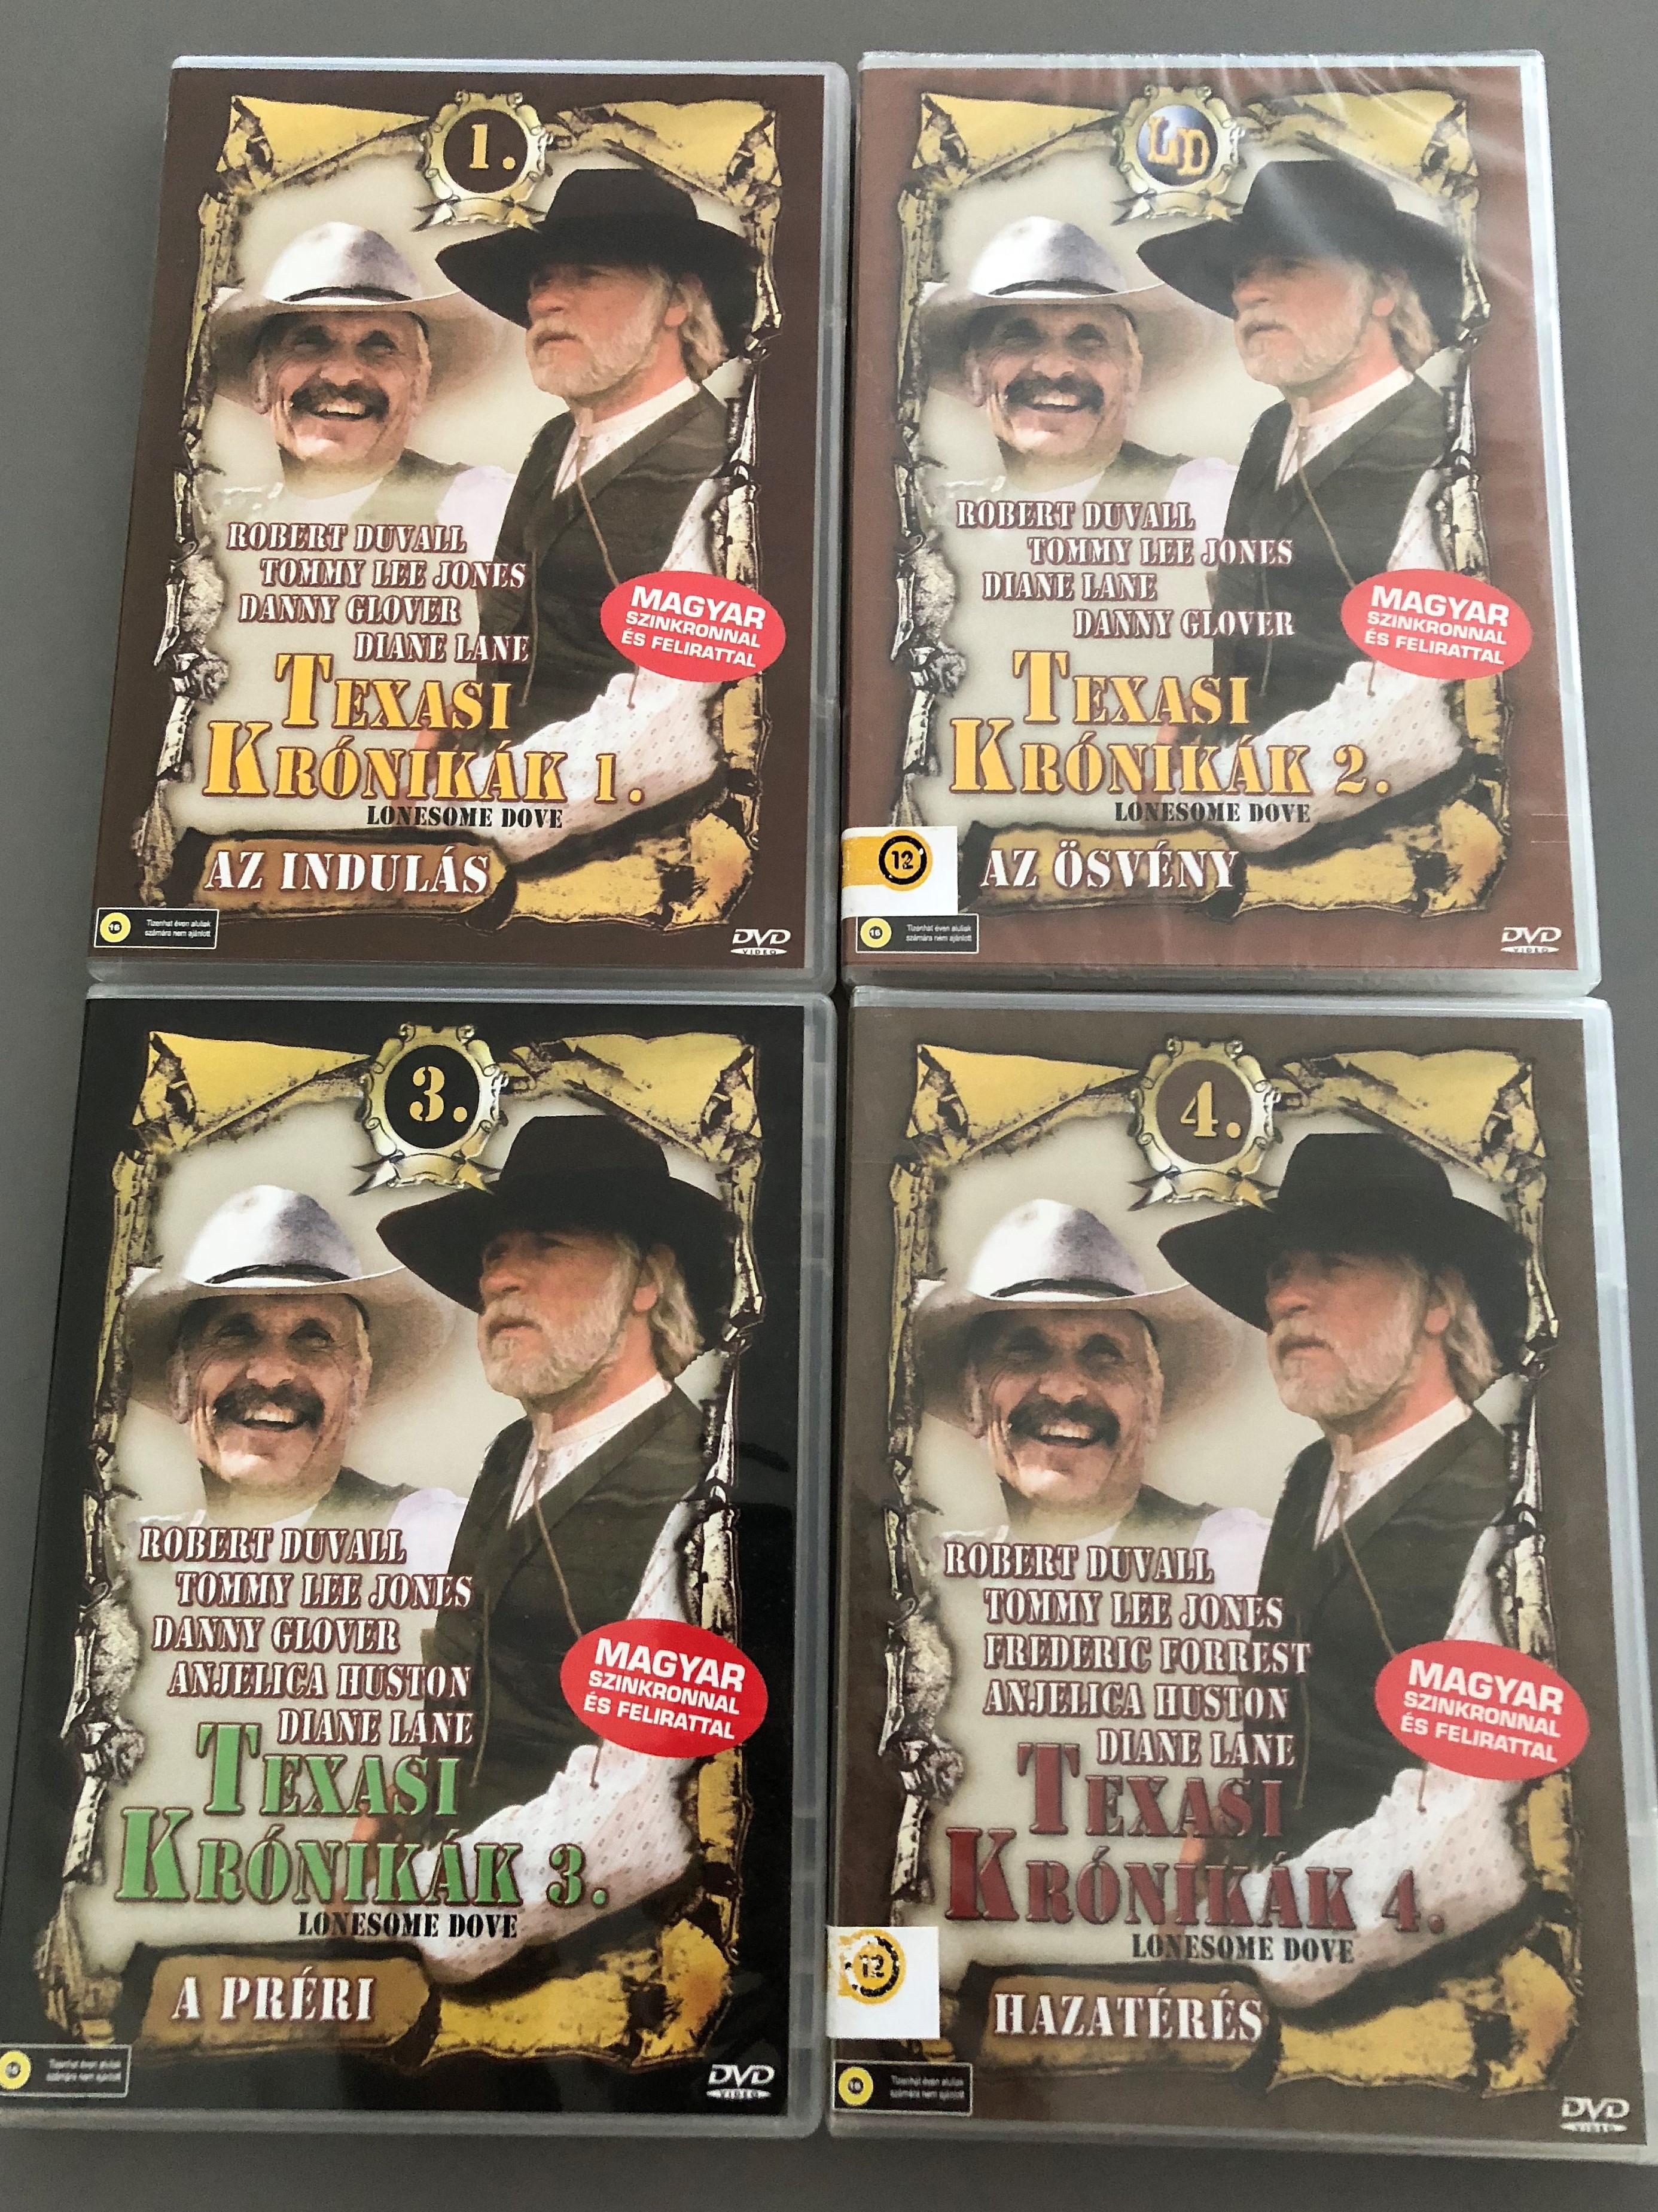 lonesome-dove-dvd-set-1989-texasi-kr-nik-k-1-4-leaving-on-the-trail-the-plains-return-directed-by-simon-wincer-starring-robert-duvall-tommy-lee-jones-danny-glover-diane-lane-anjelica-huston.jpg